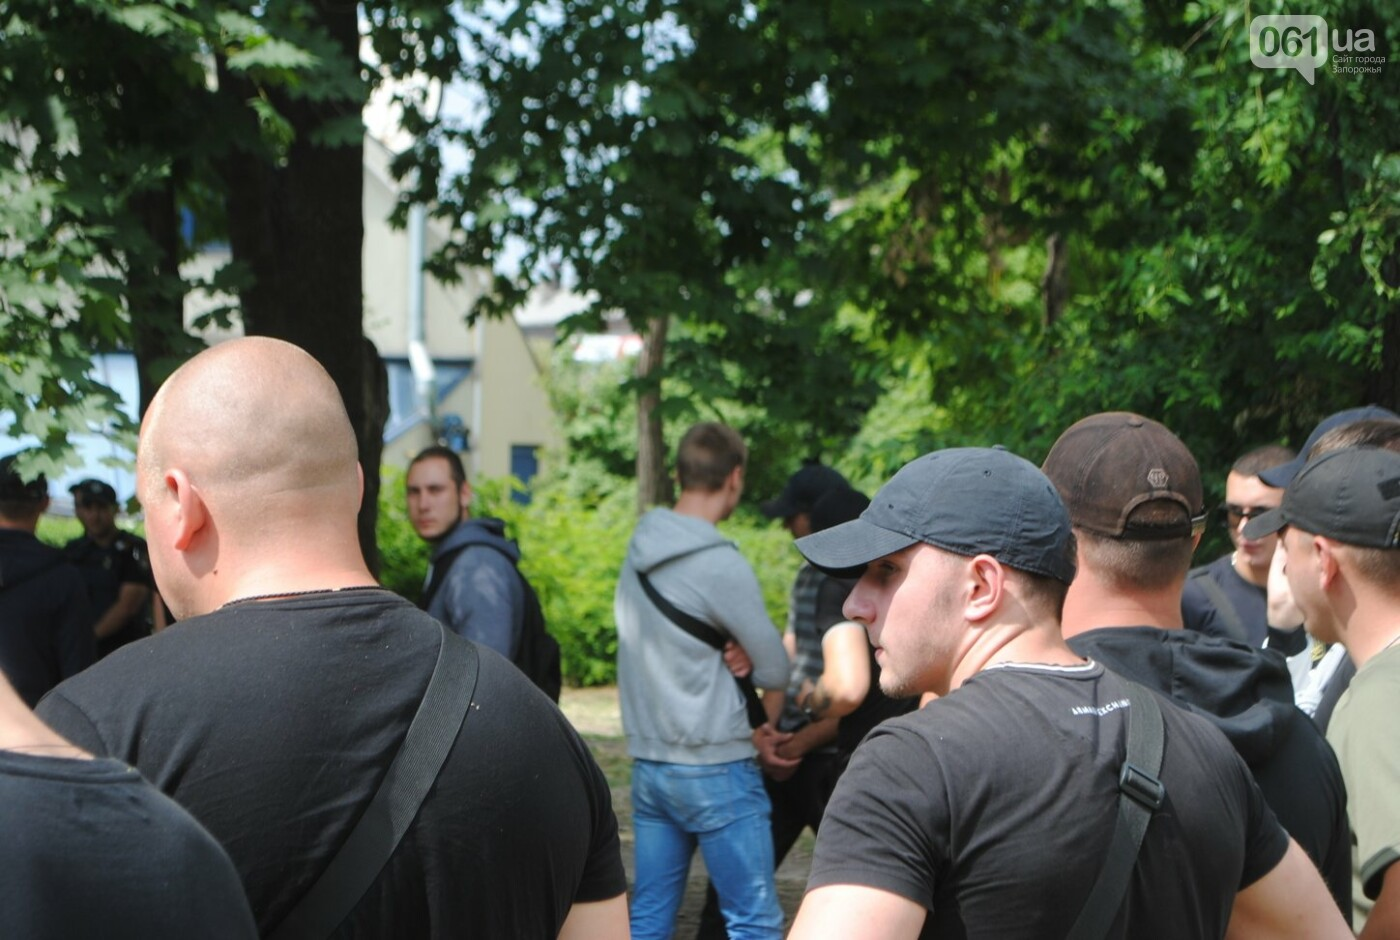 Протест в парке Яланского в лицах, - колоритный ФОТОРЕПОРТАЖ, фото-1